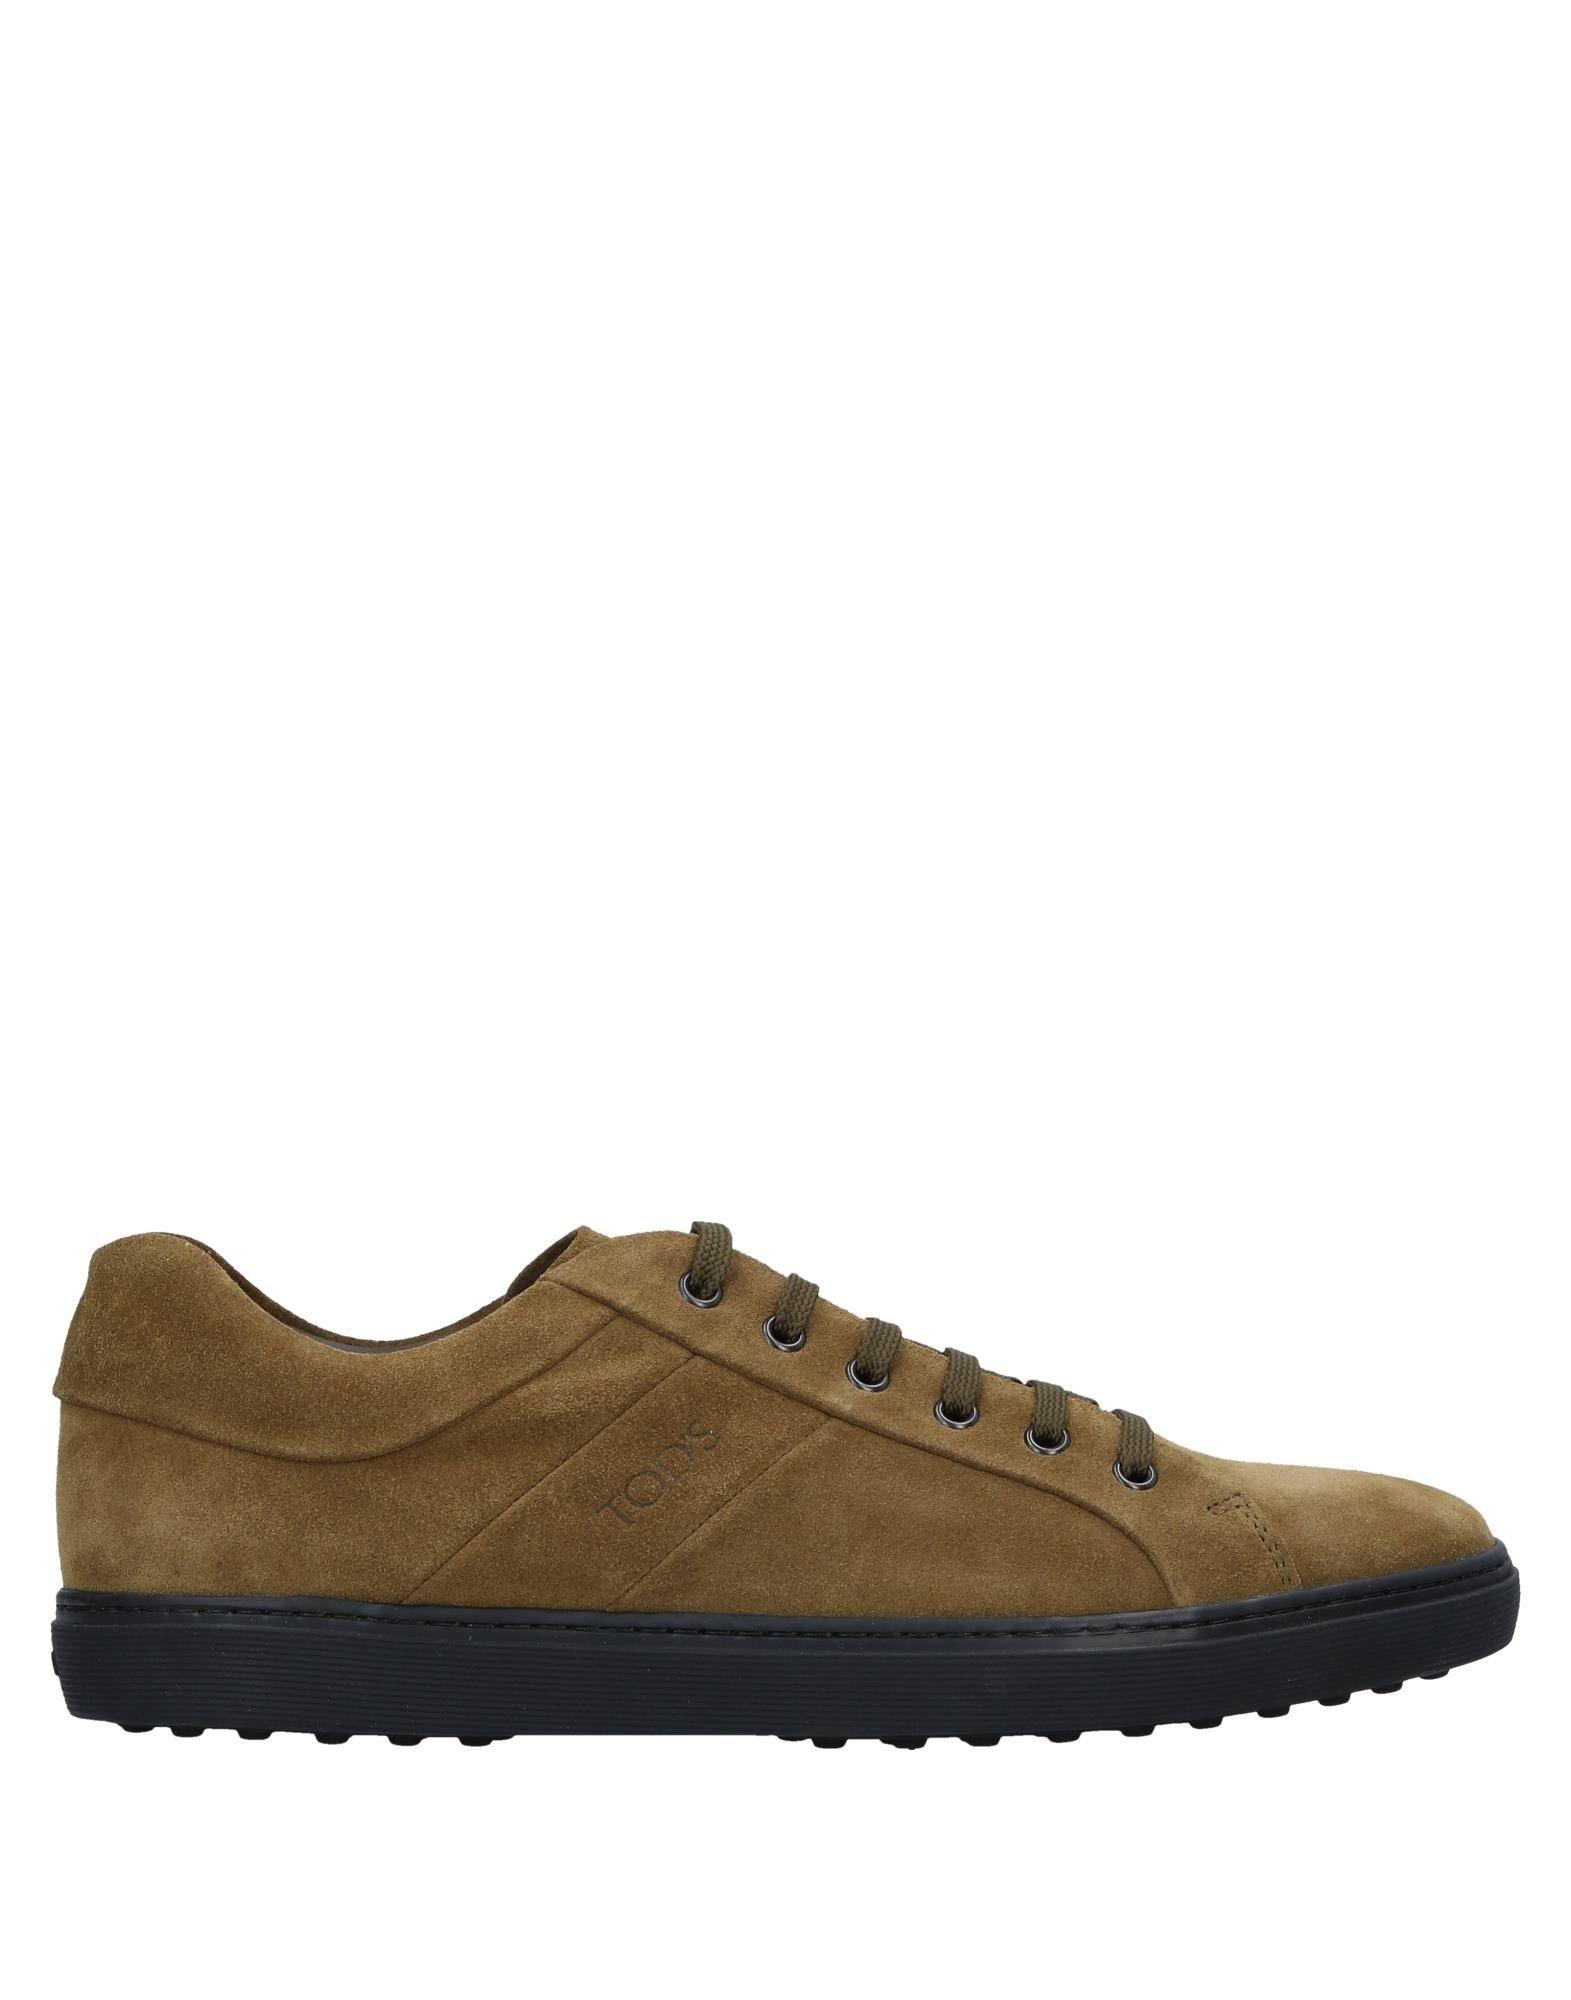 Tod's Sneakers Herren  11542954FD Gute Qualität beliebte Schuhe